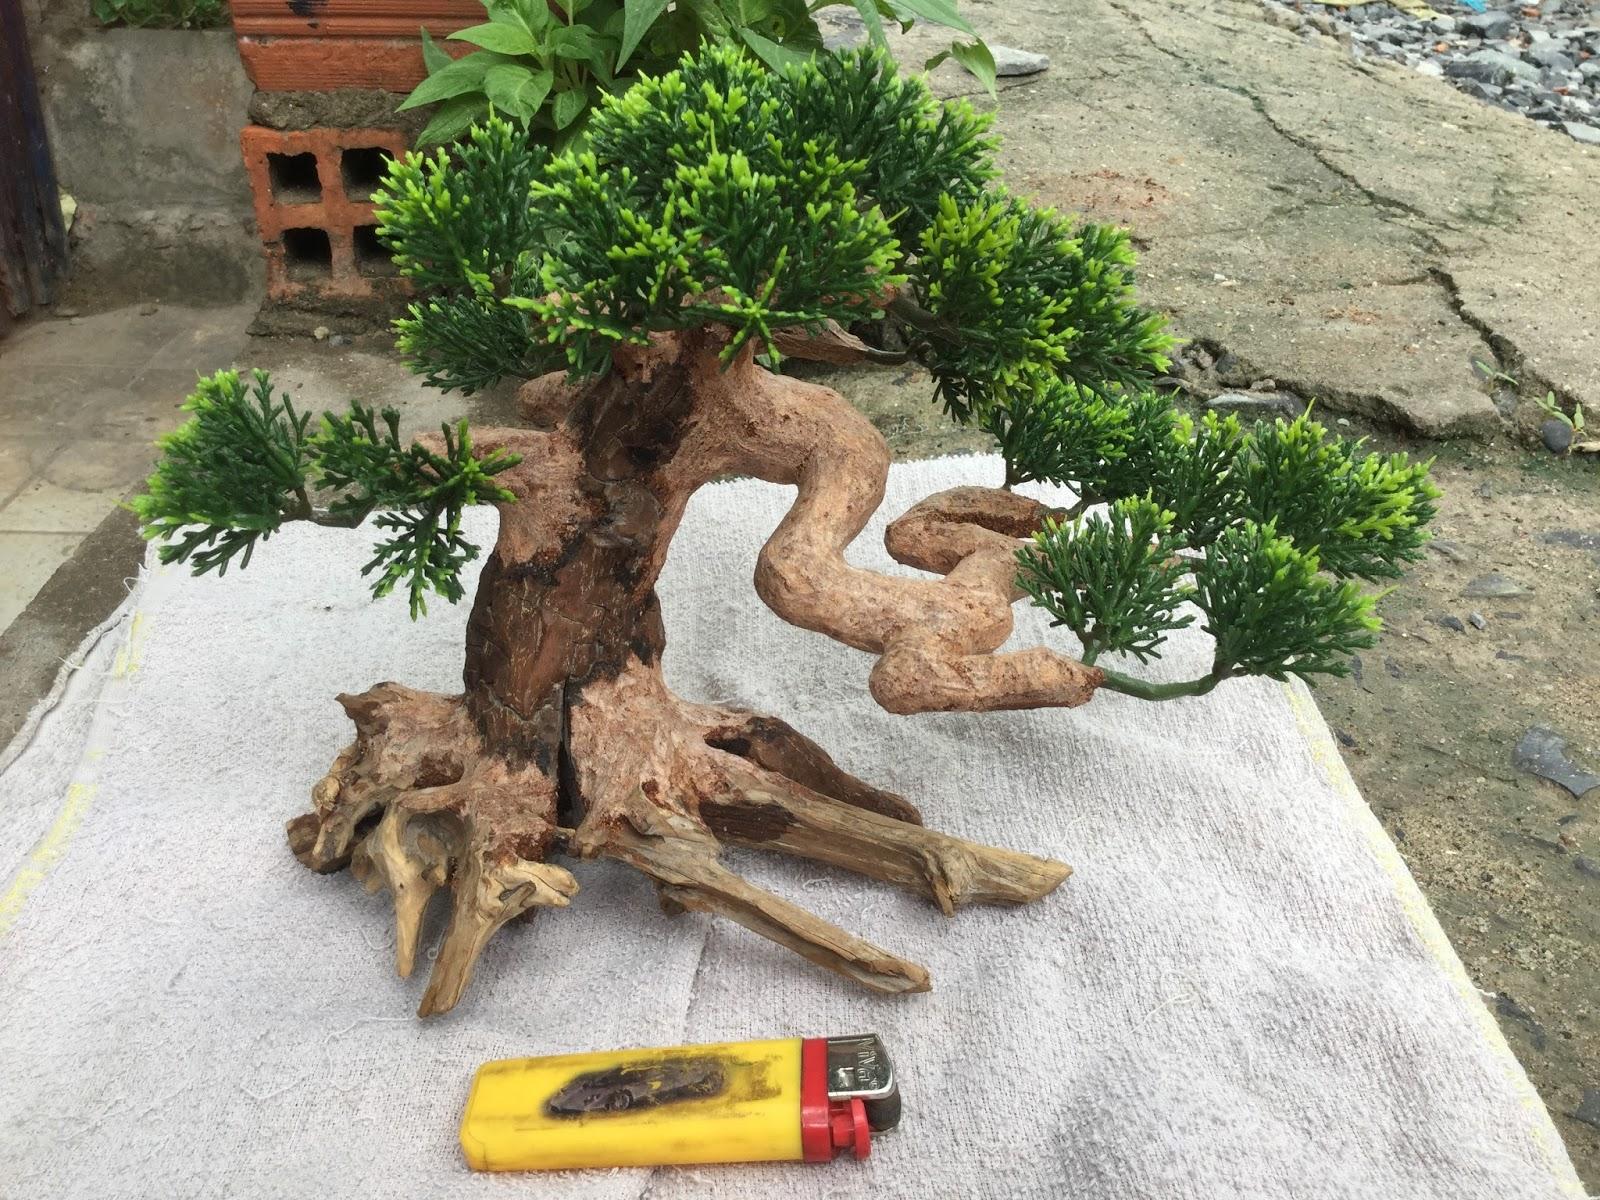 cây giả trang trí hồ thủy sinh